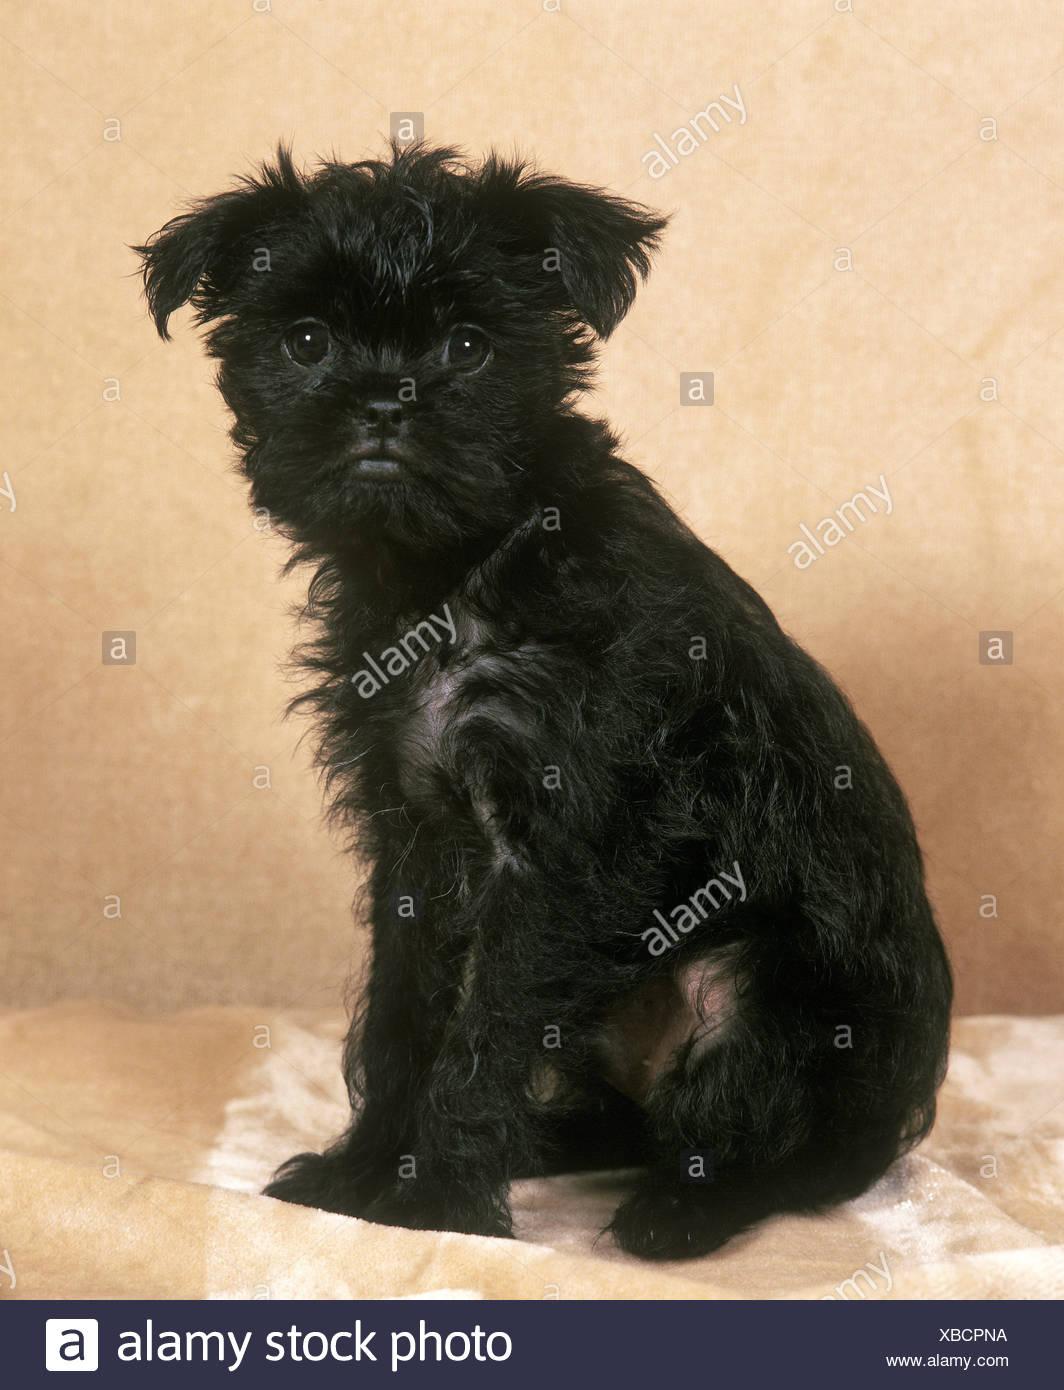 Monkey Dog Stock Photos & Monkey Dog Stock Images - Alamy